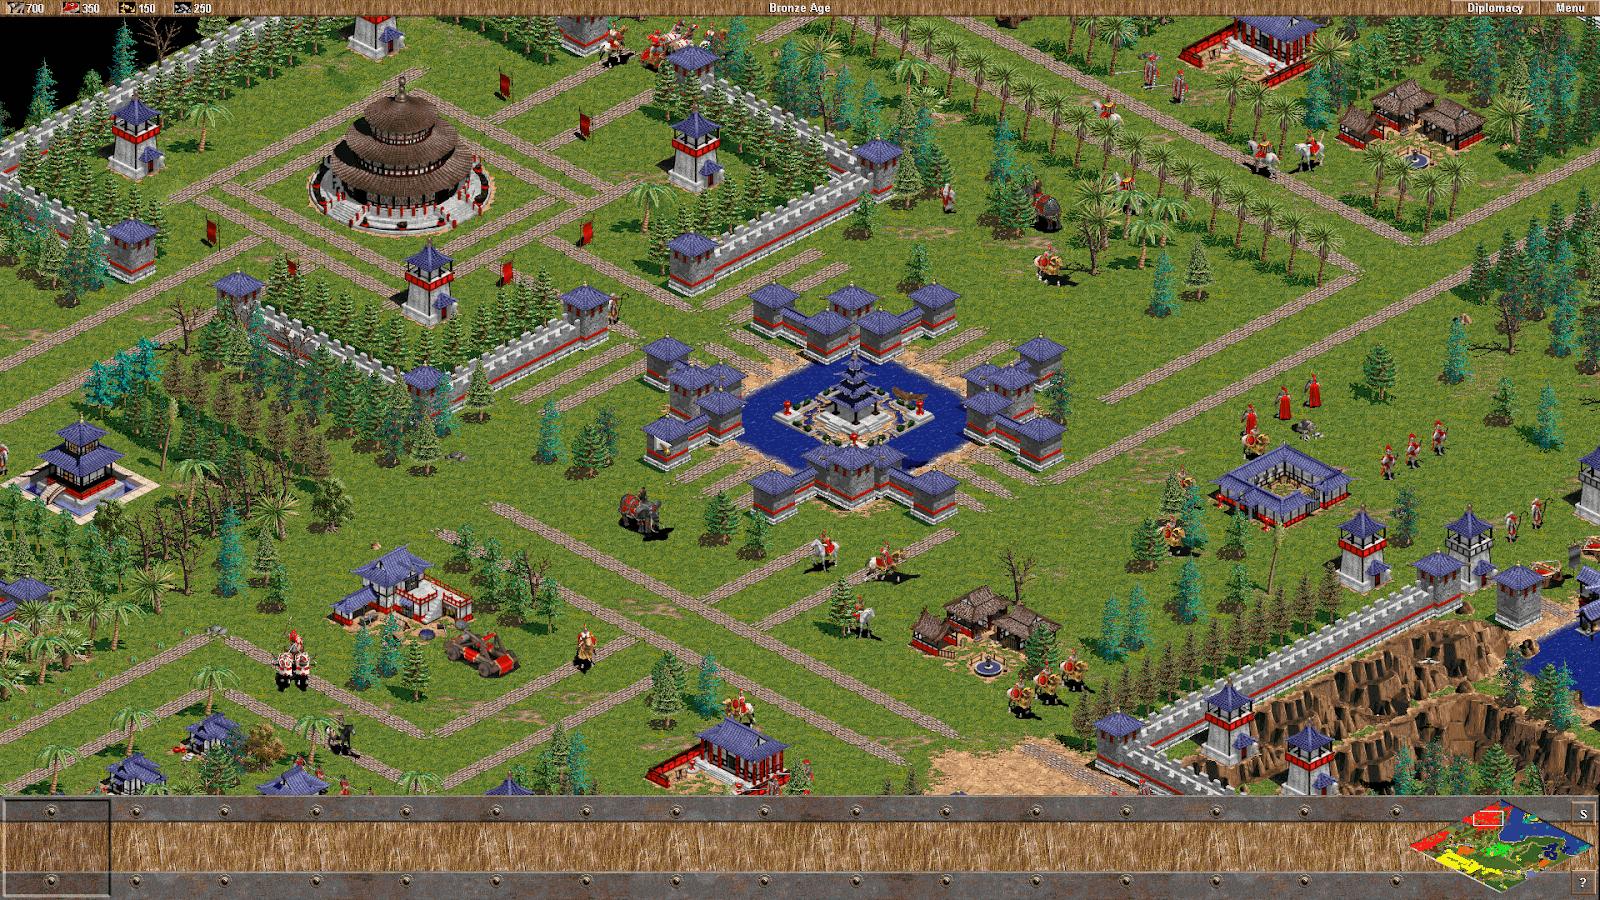 Download AOE 1 Full - Đế Chế Xanh bản dùng được lệnh - Age Of Empires 1